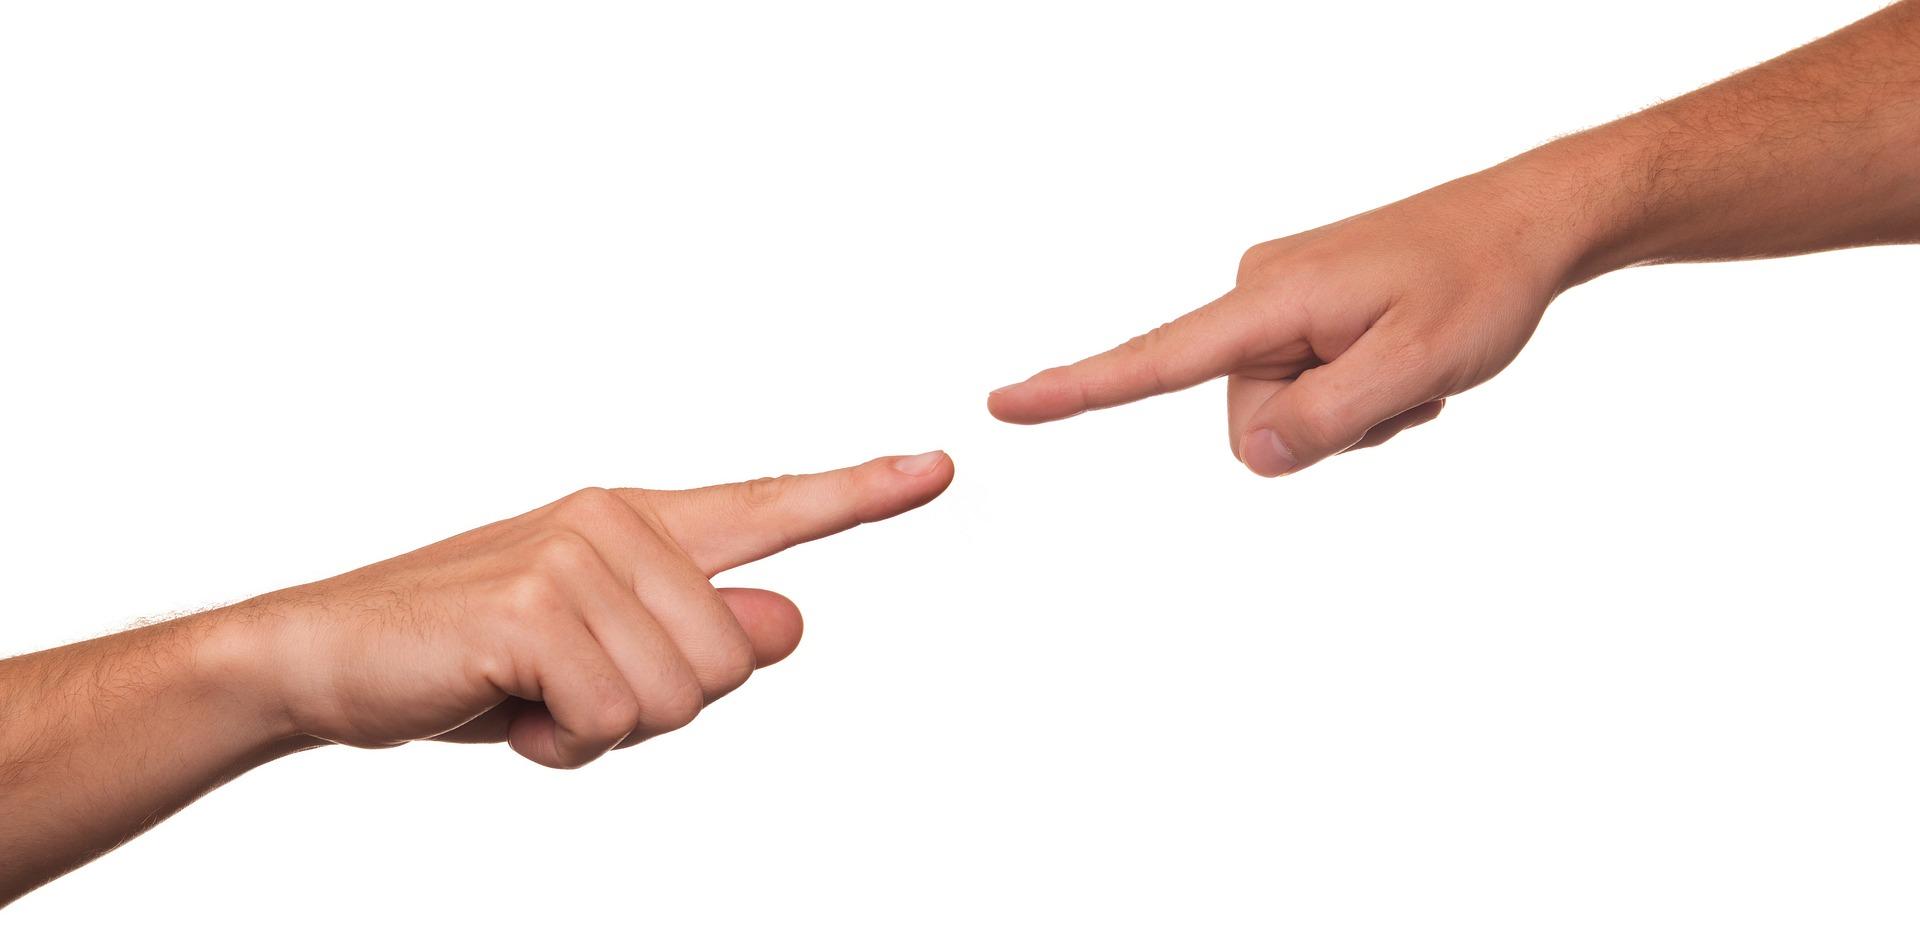 La culpa o negligencia debe quedar rigurosamente probada en los expedientes de derivación de responsabilidad Tributaria